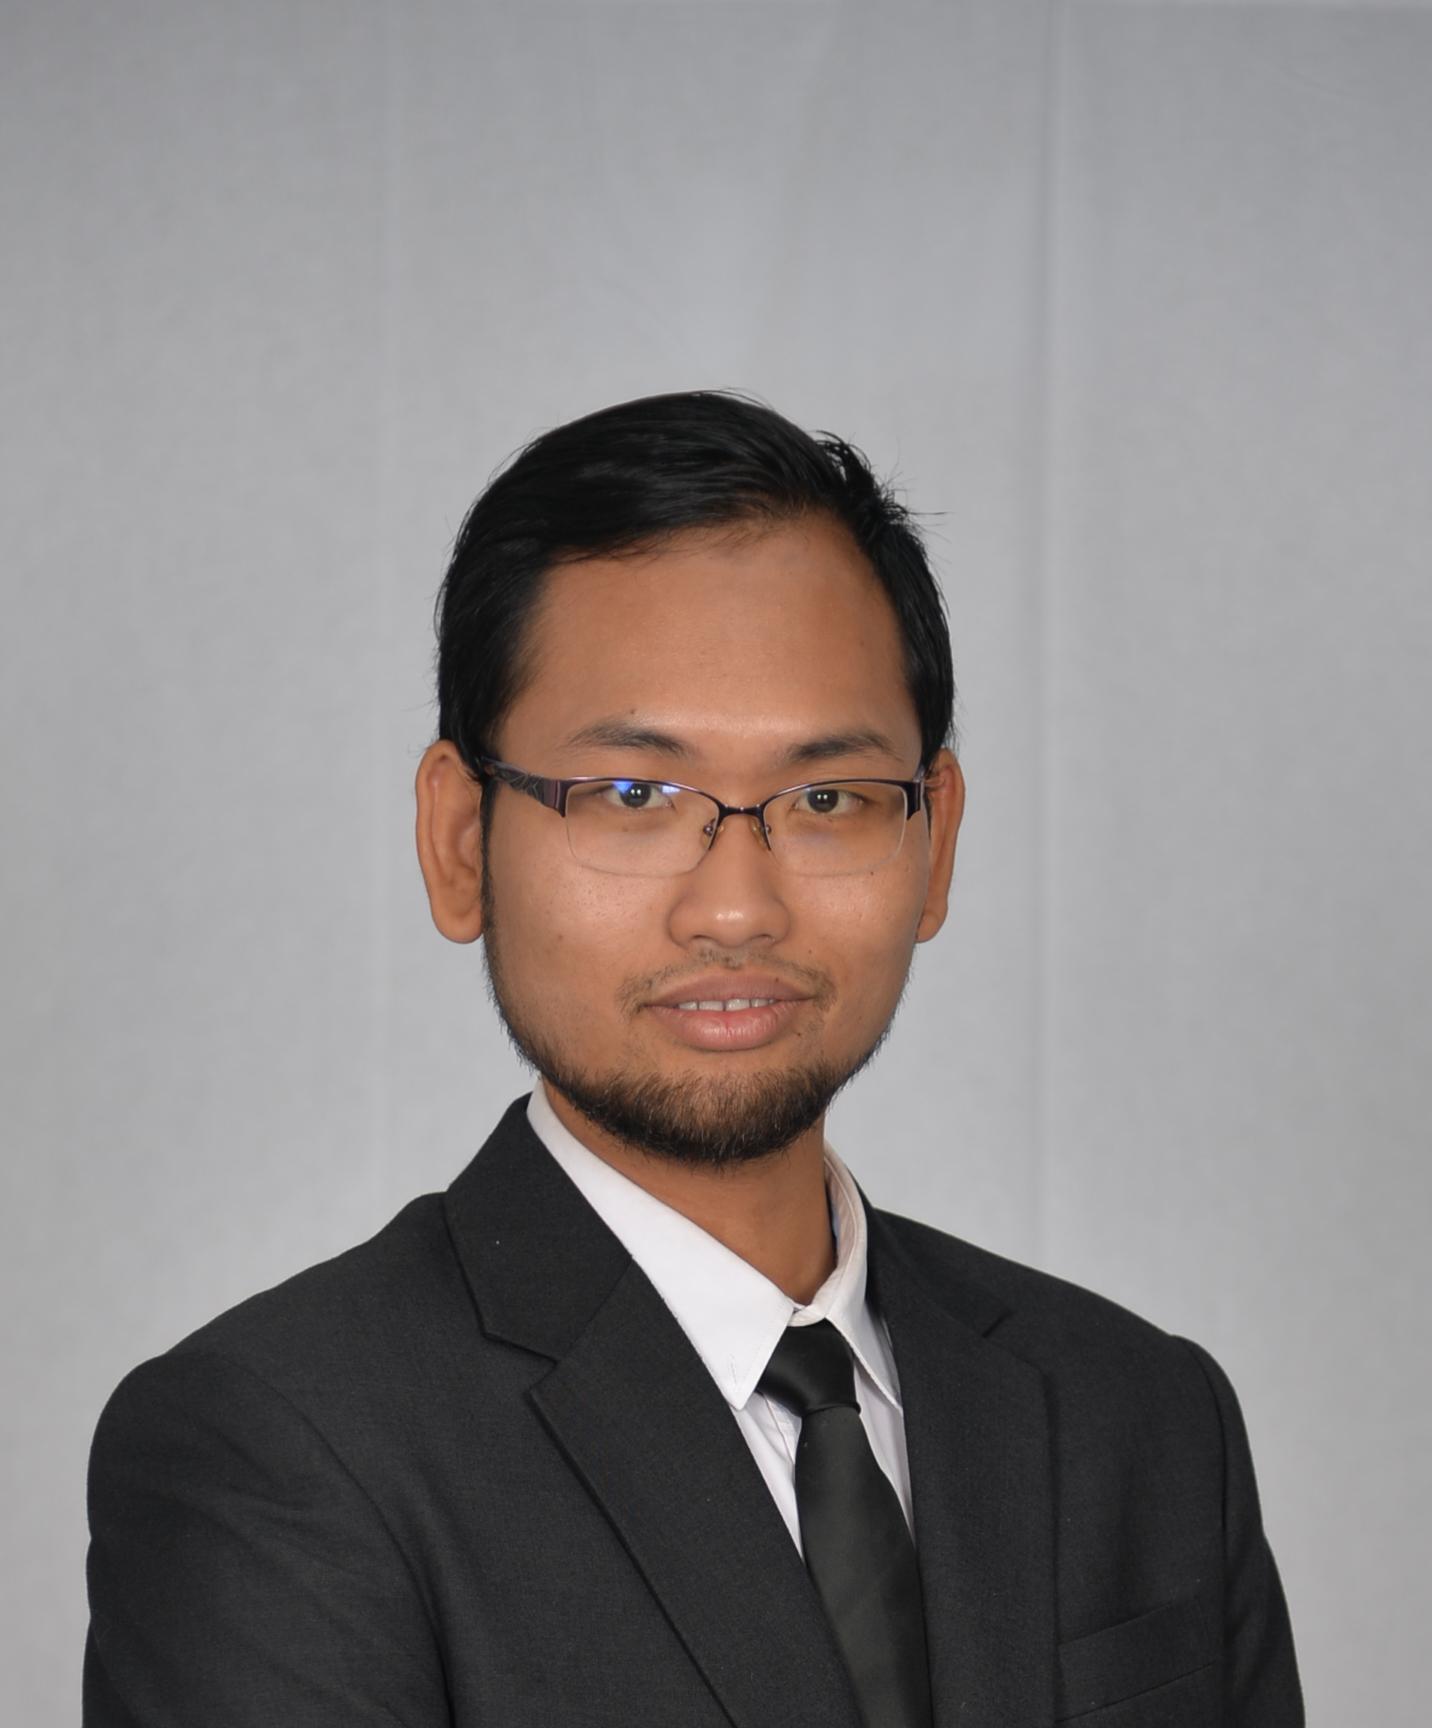 Shahrul Safwan